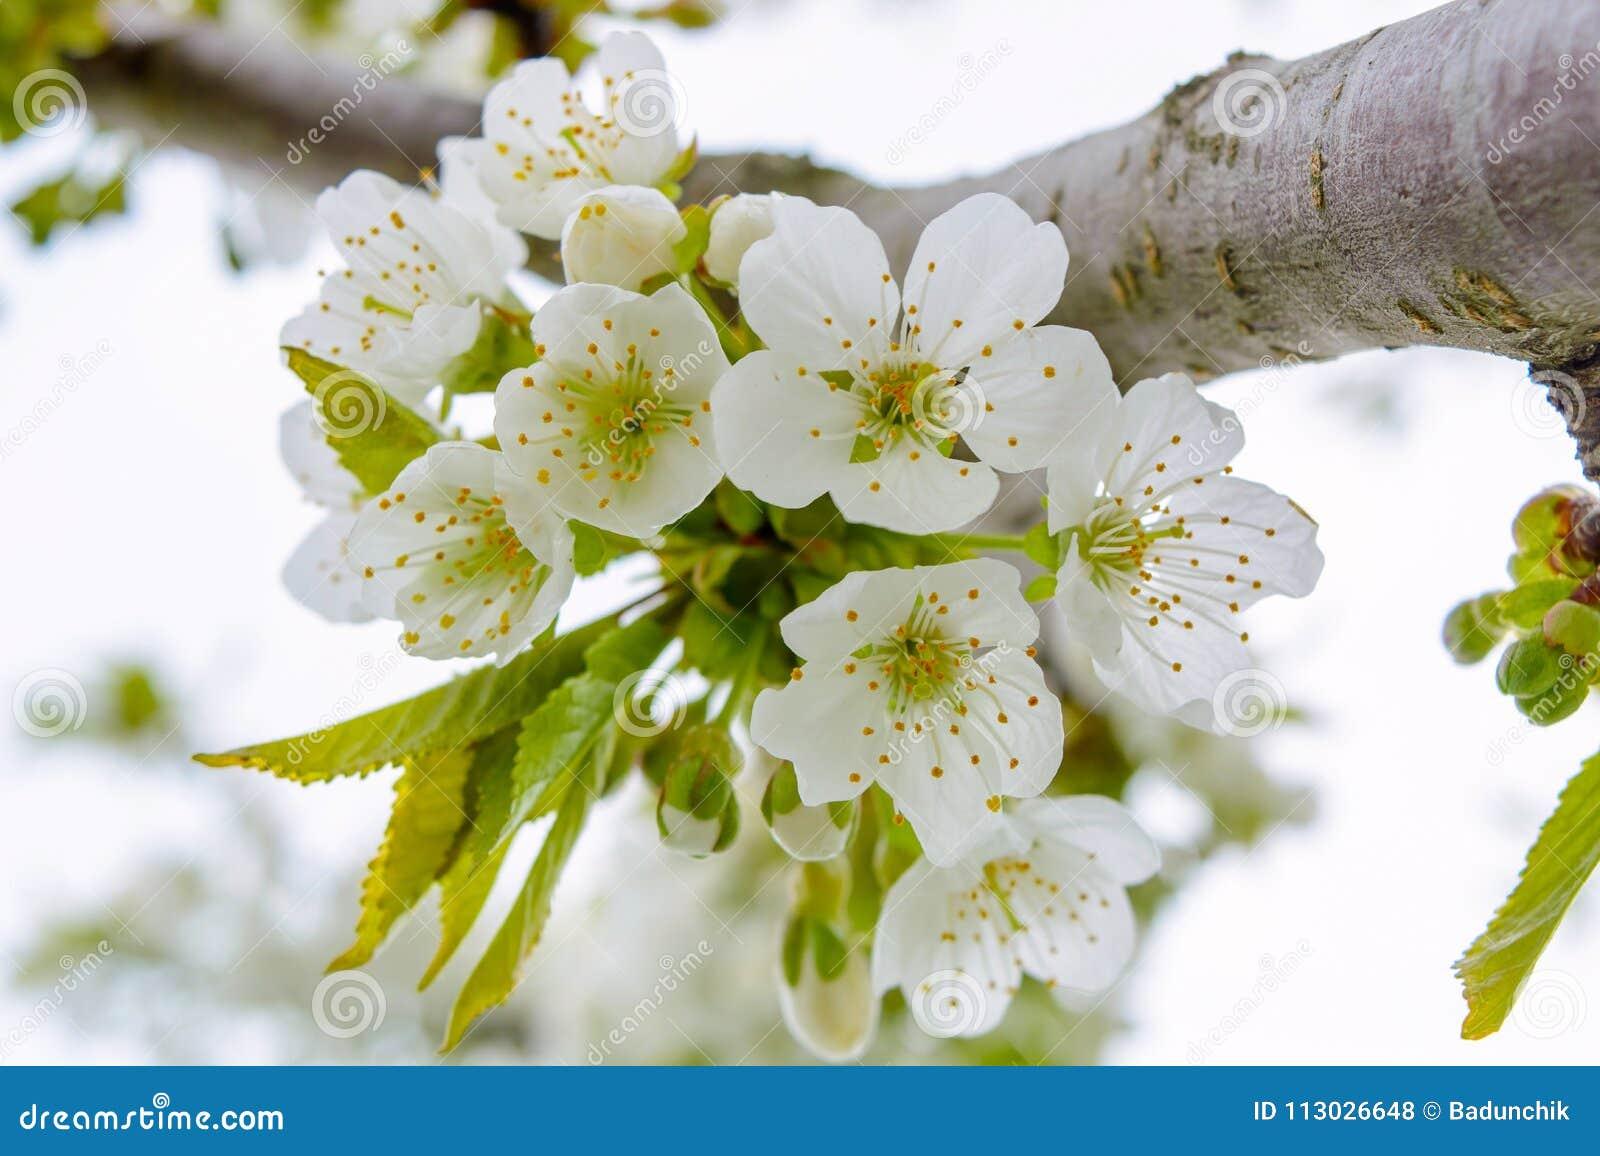 La foto del manzano floreciente ramifica contra el cielo